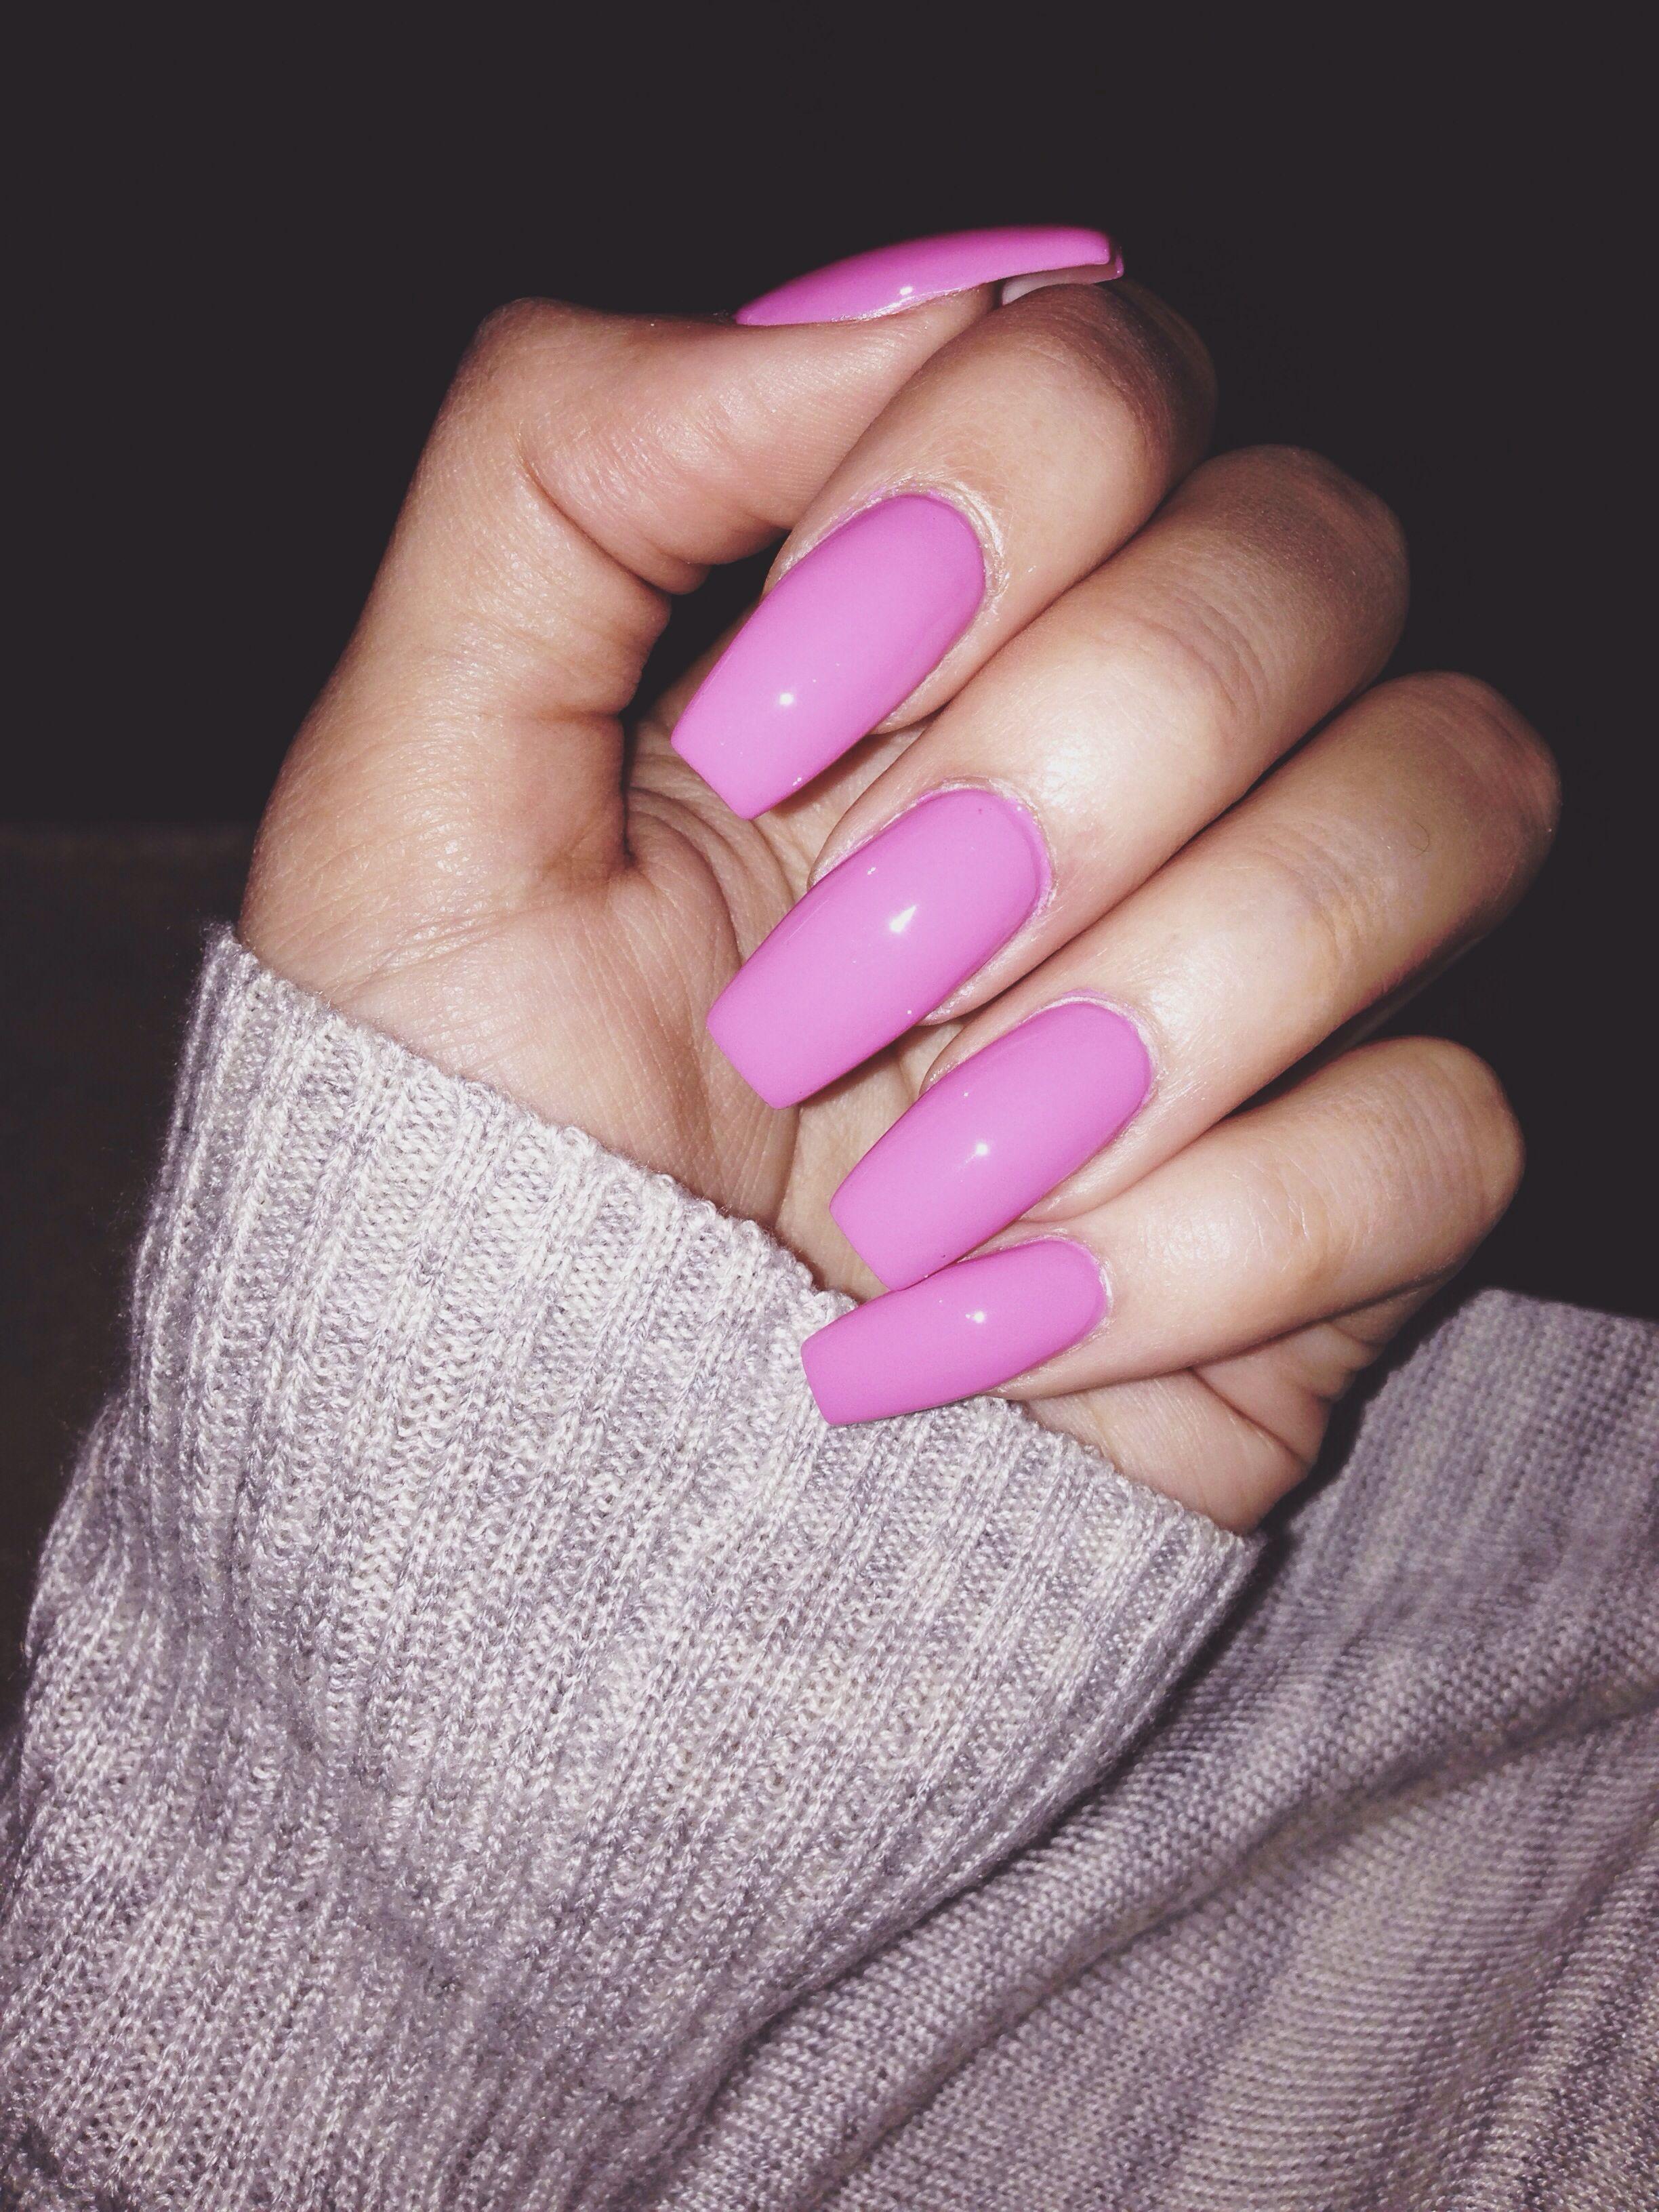 Long nail domination